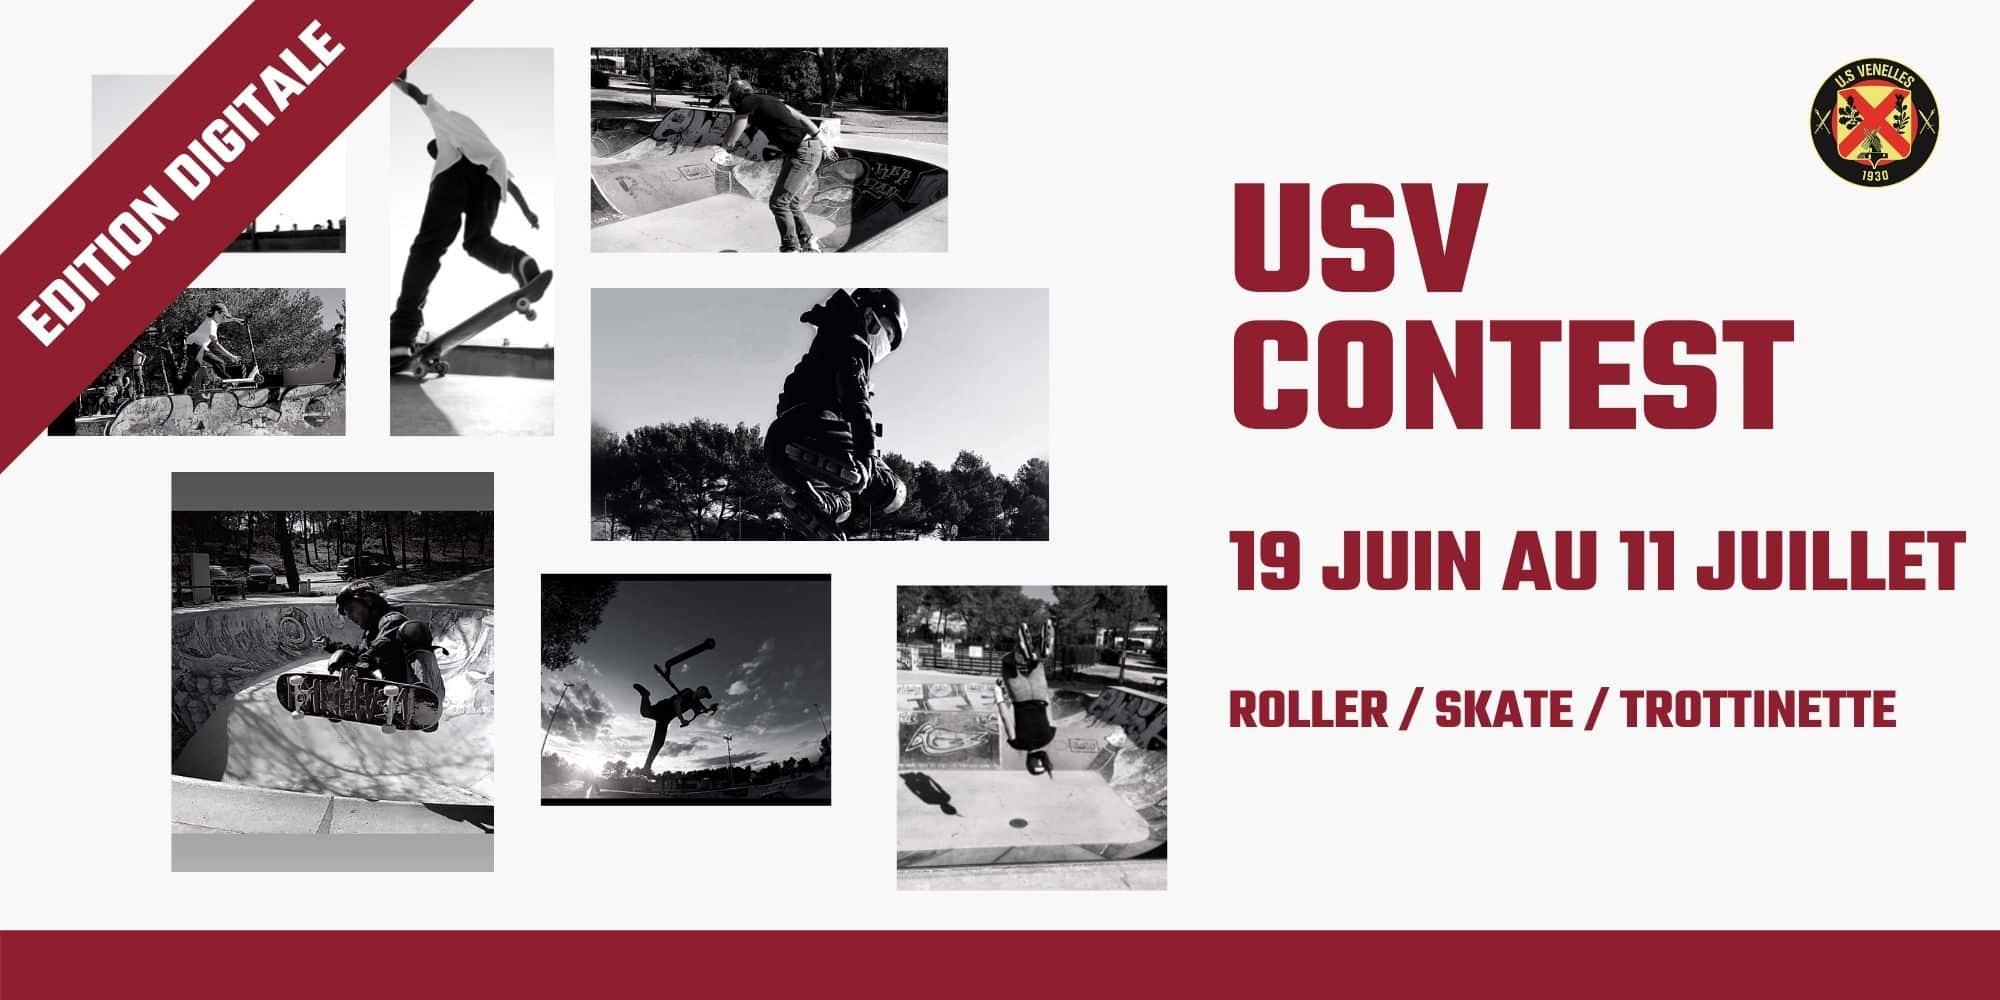 USV CONTEST (édition digitale) - USV